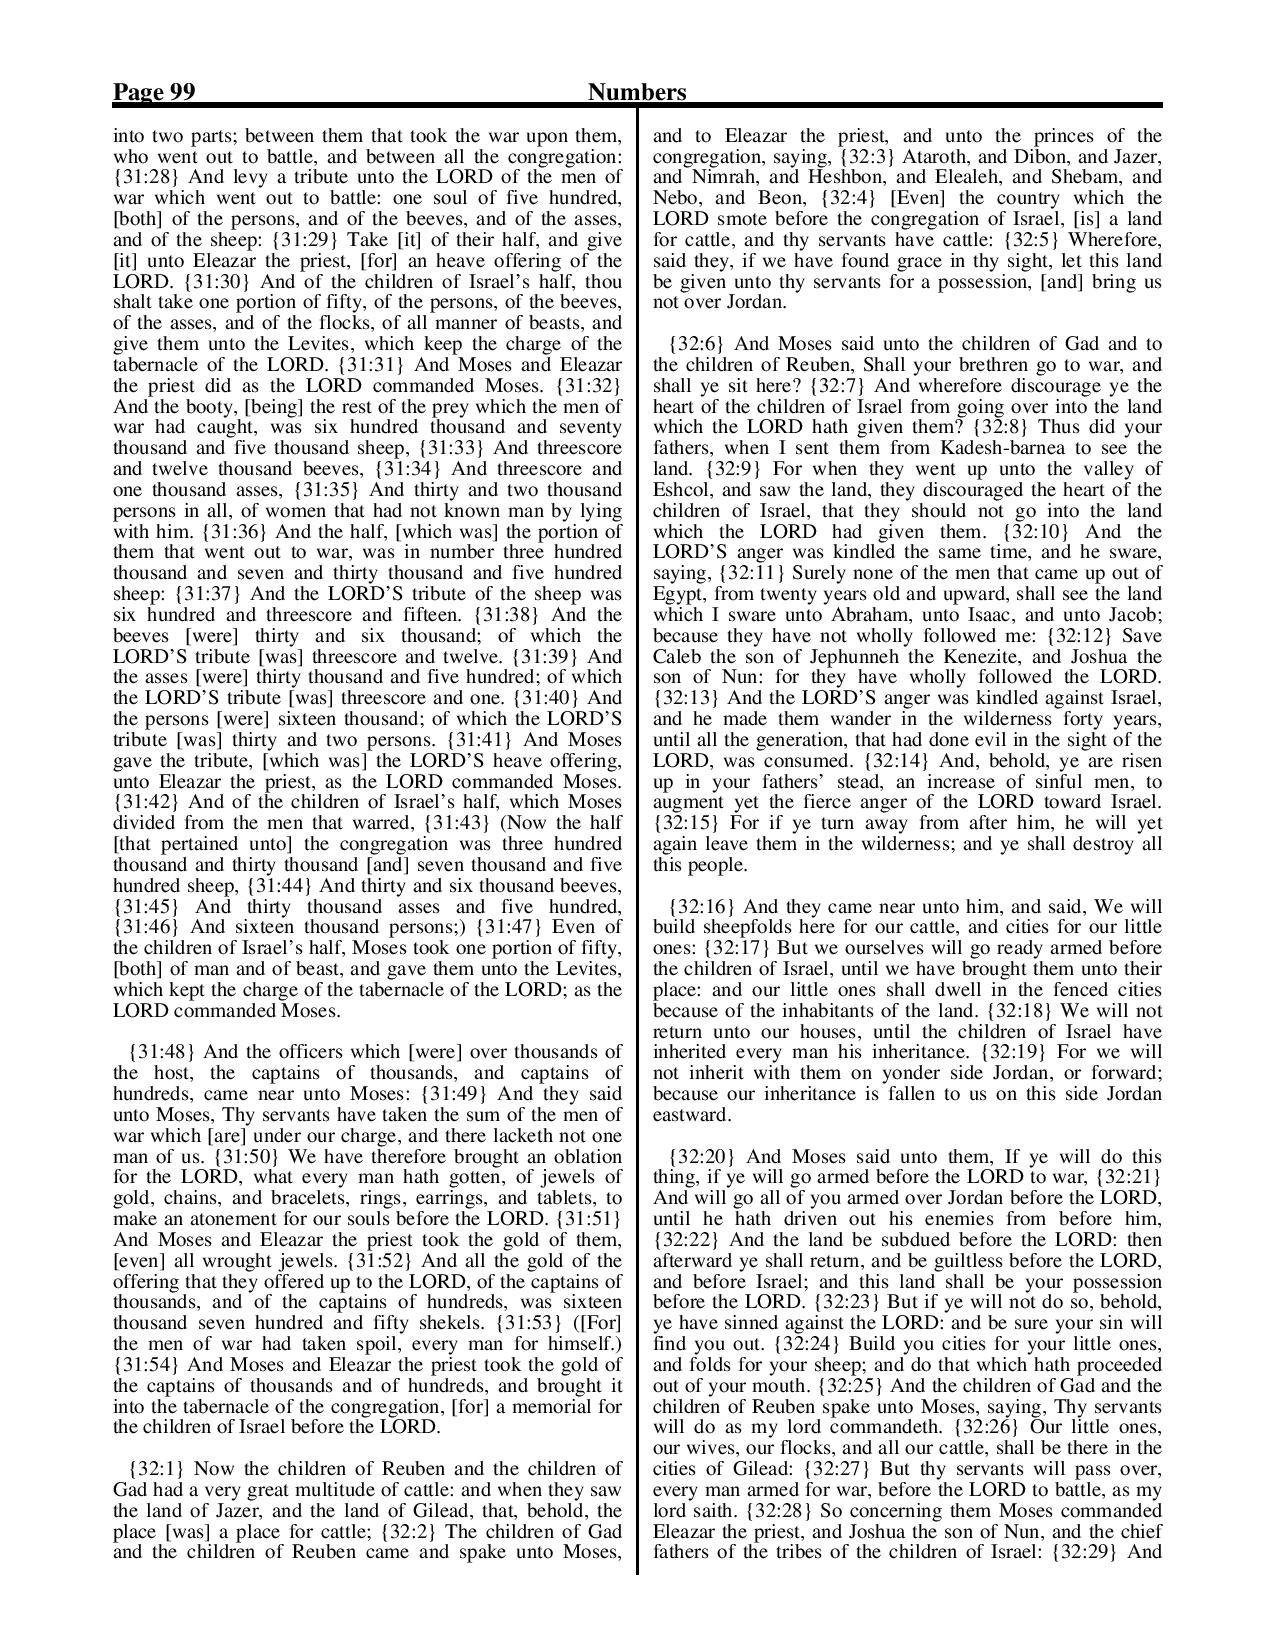 King-James-Bible-KJV-Bible-PDF-page-120